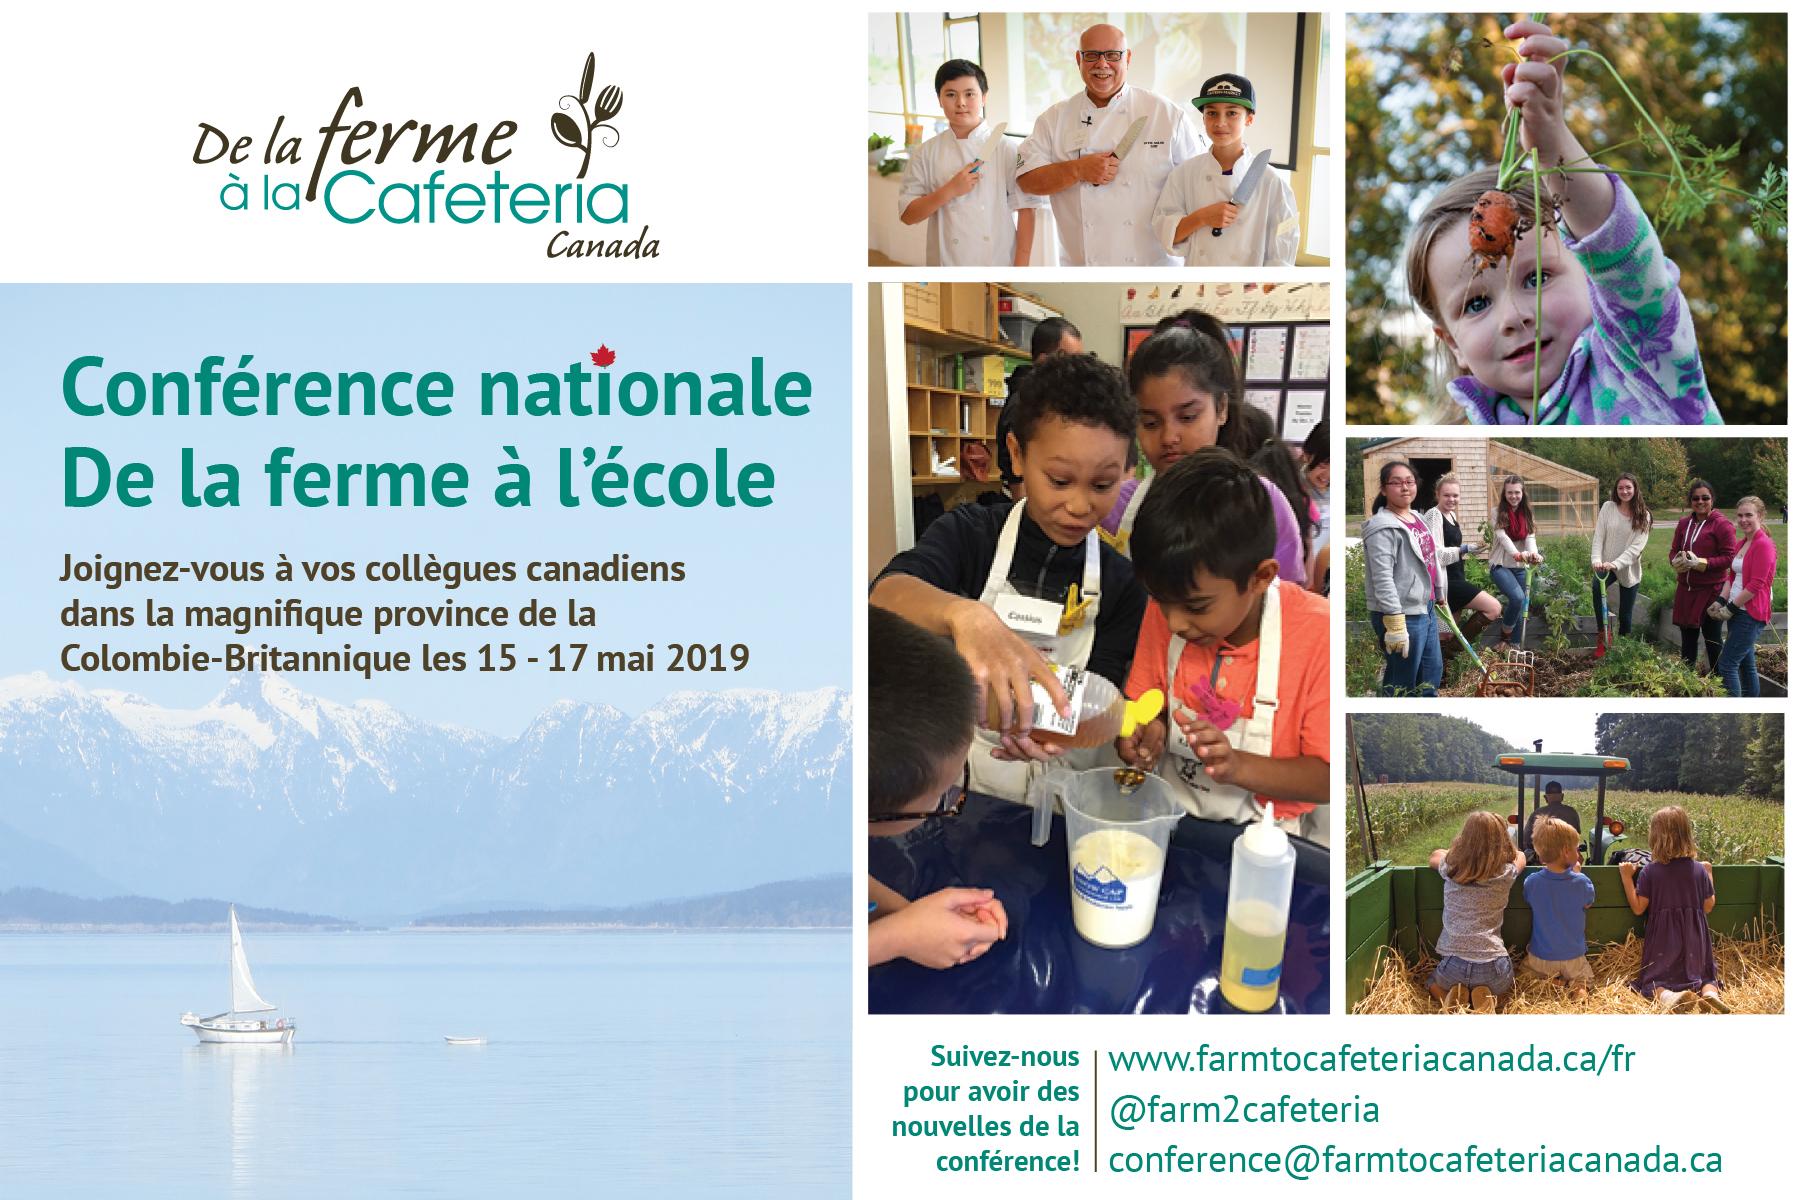 Conférence nationale De la ferme à l'école